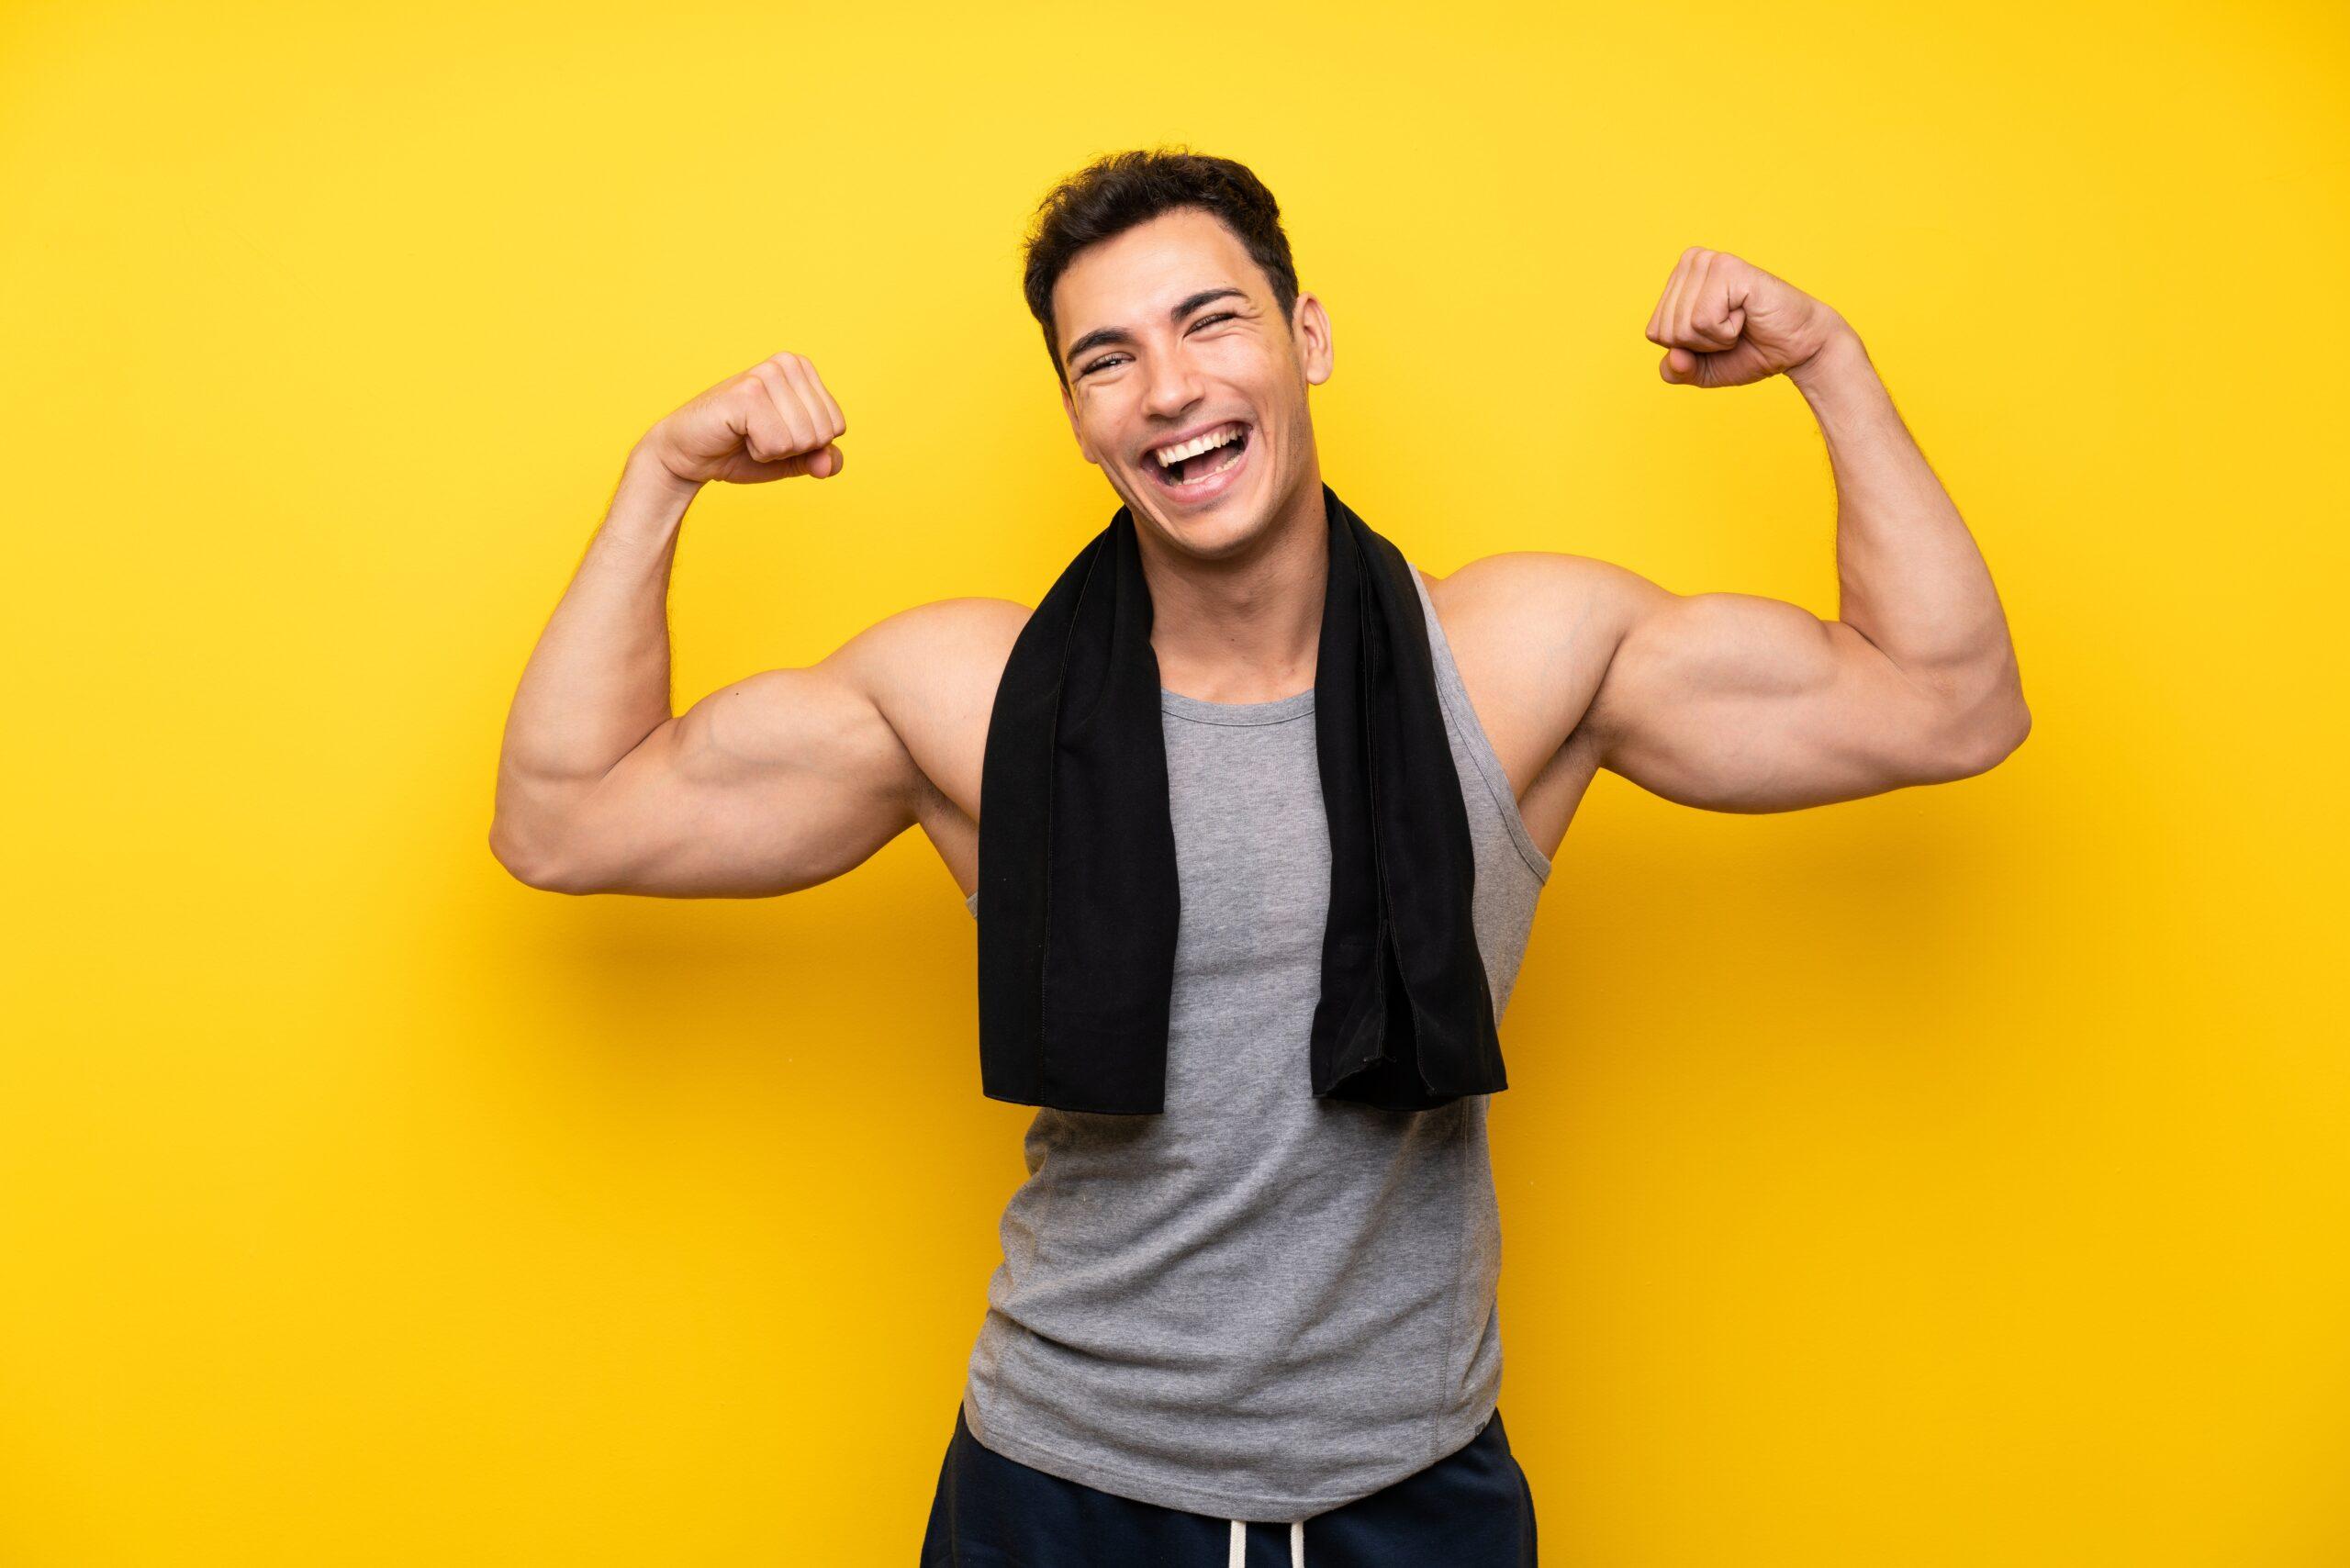 Podciąganie na drążku – trudne, ale efektywne ćwiczenie